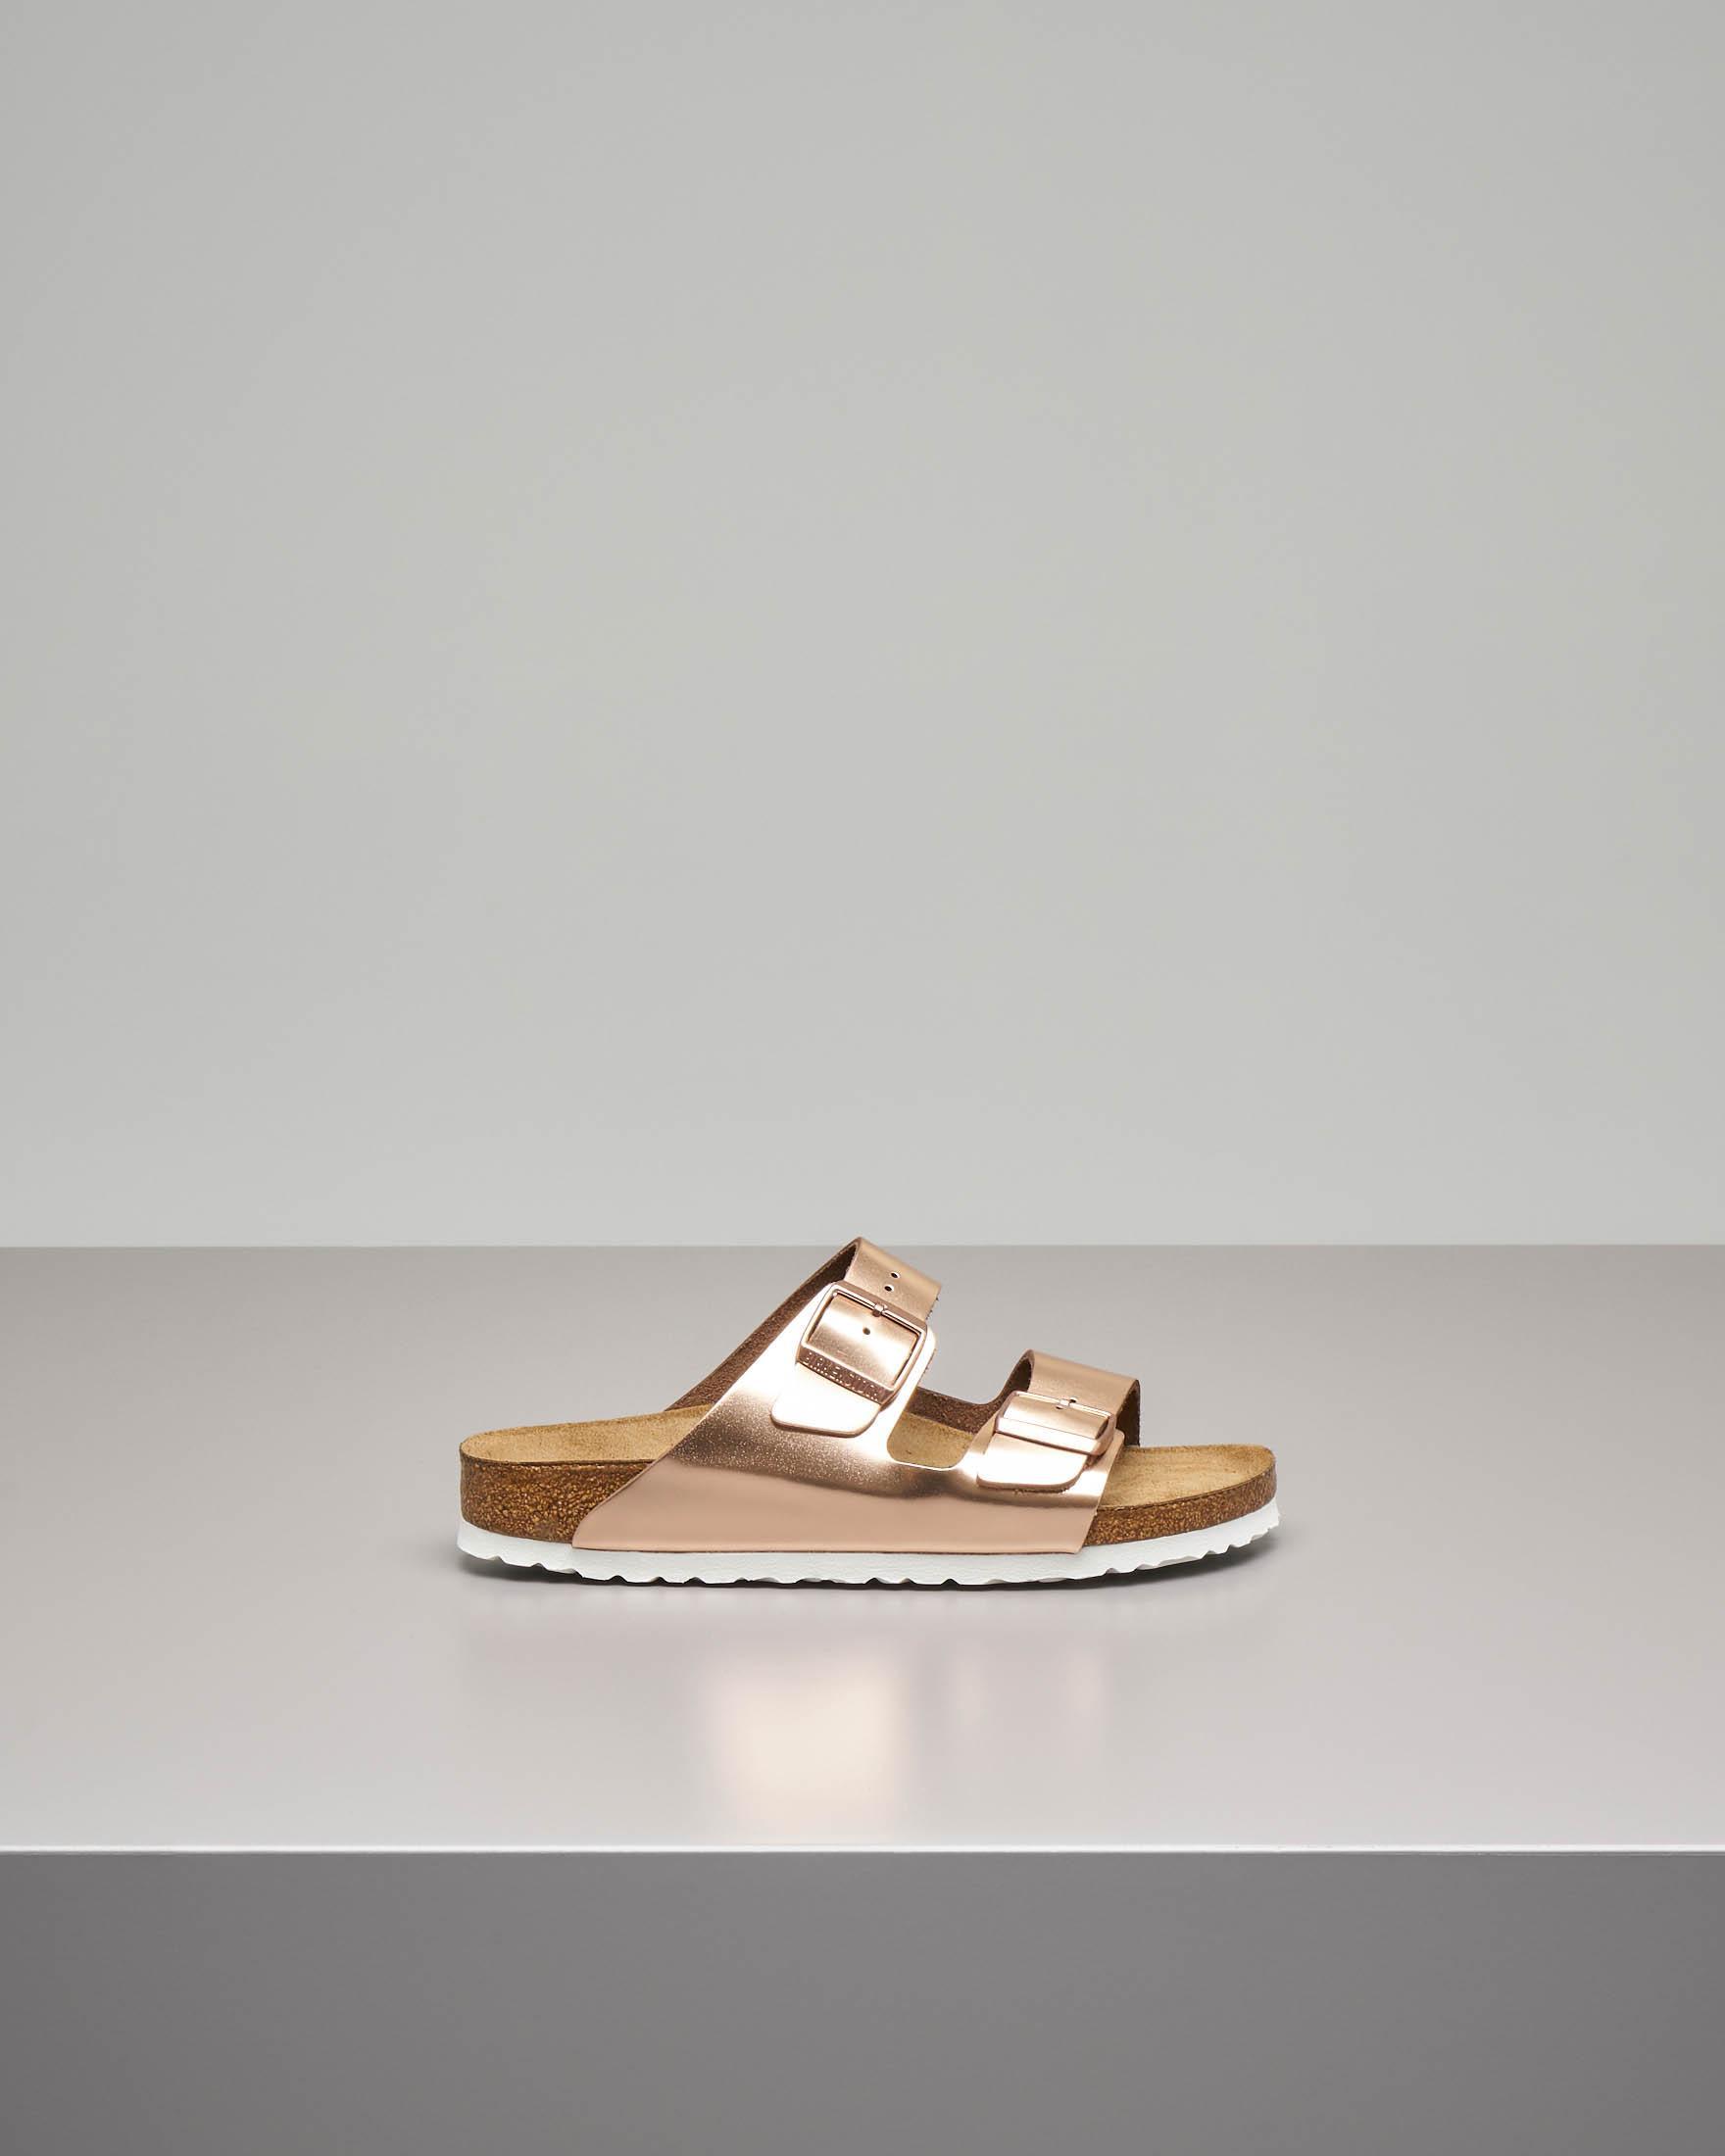 Sandalo Arizona in pelle color rame effetto laminato con doppia fascetta